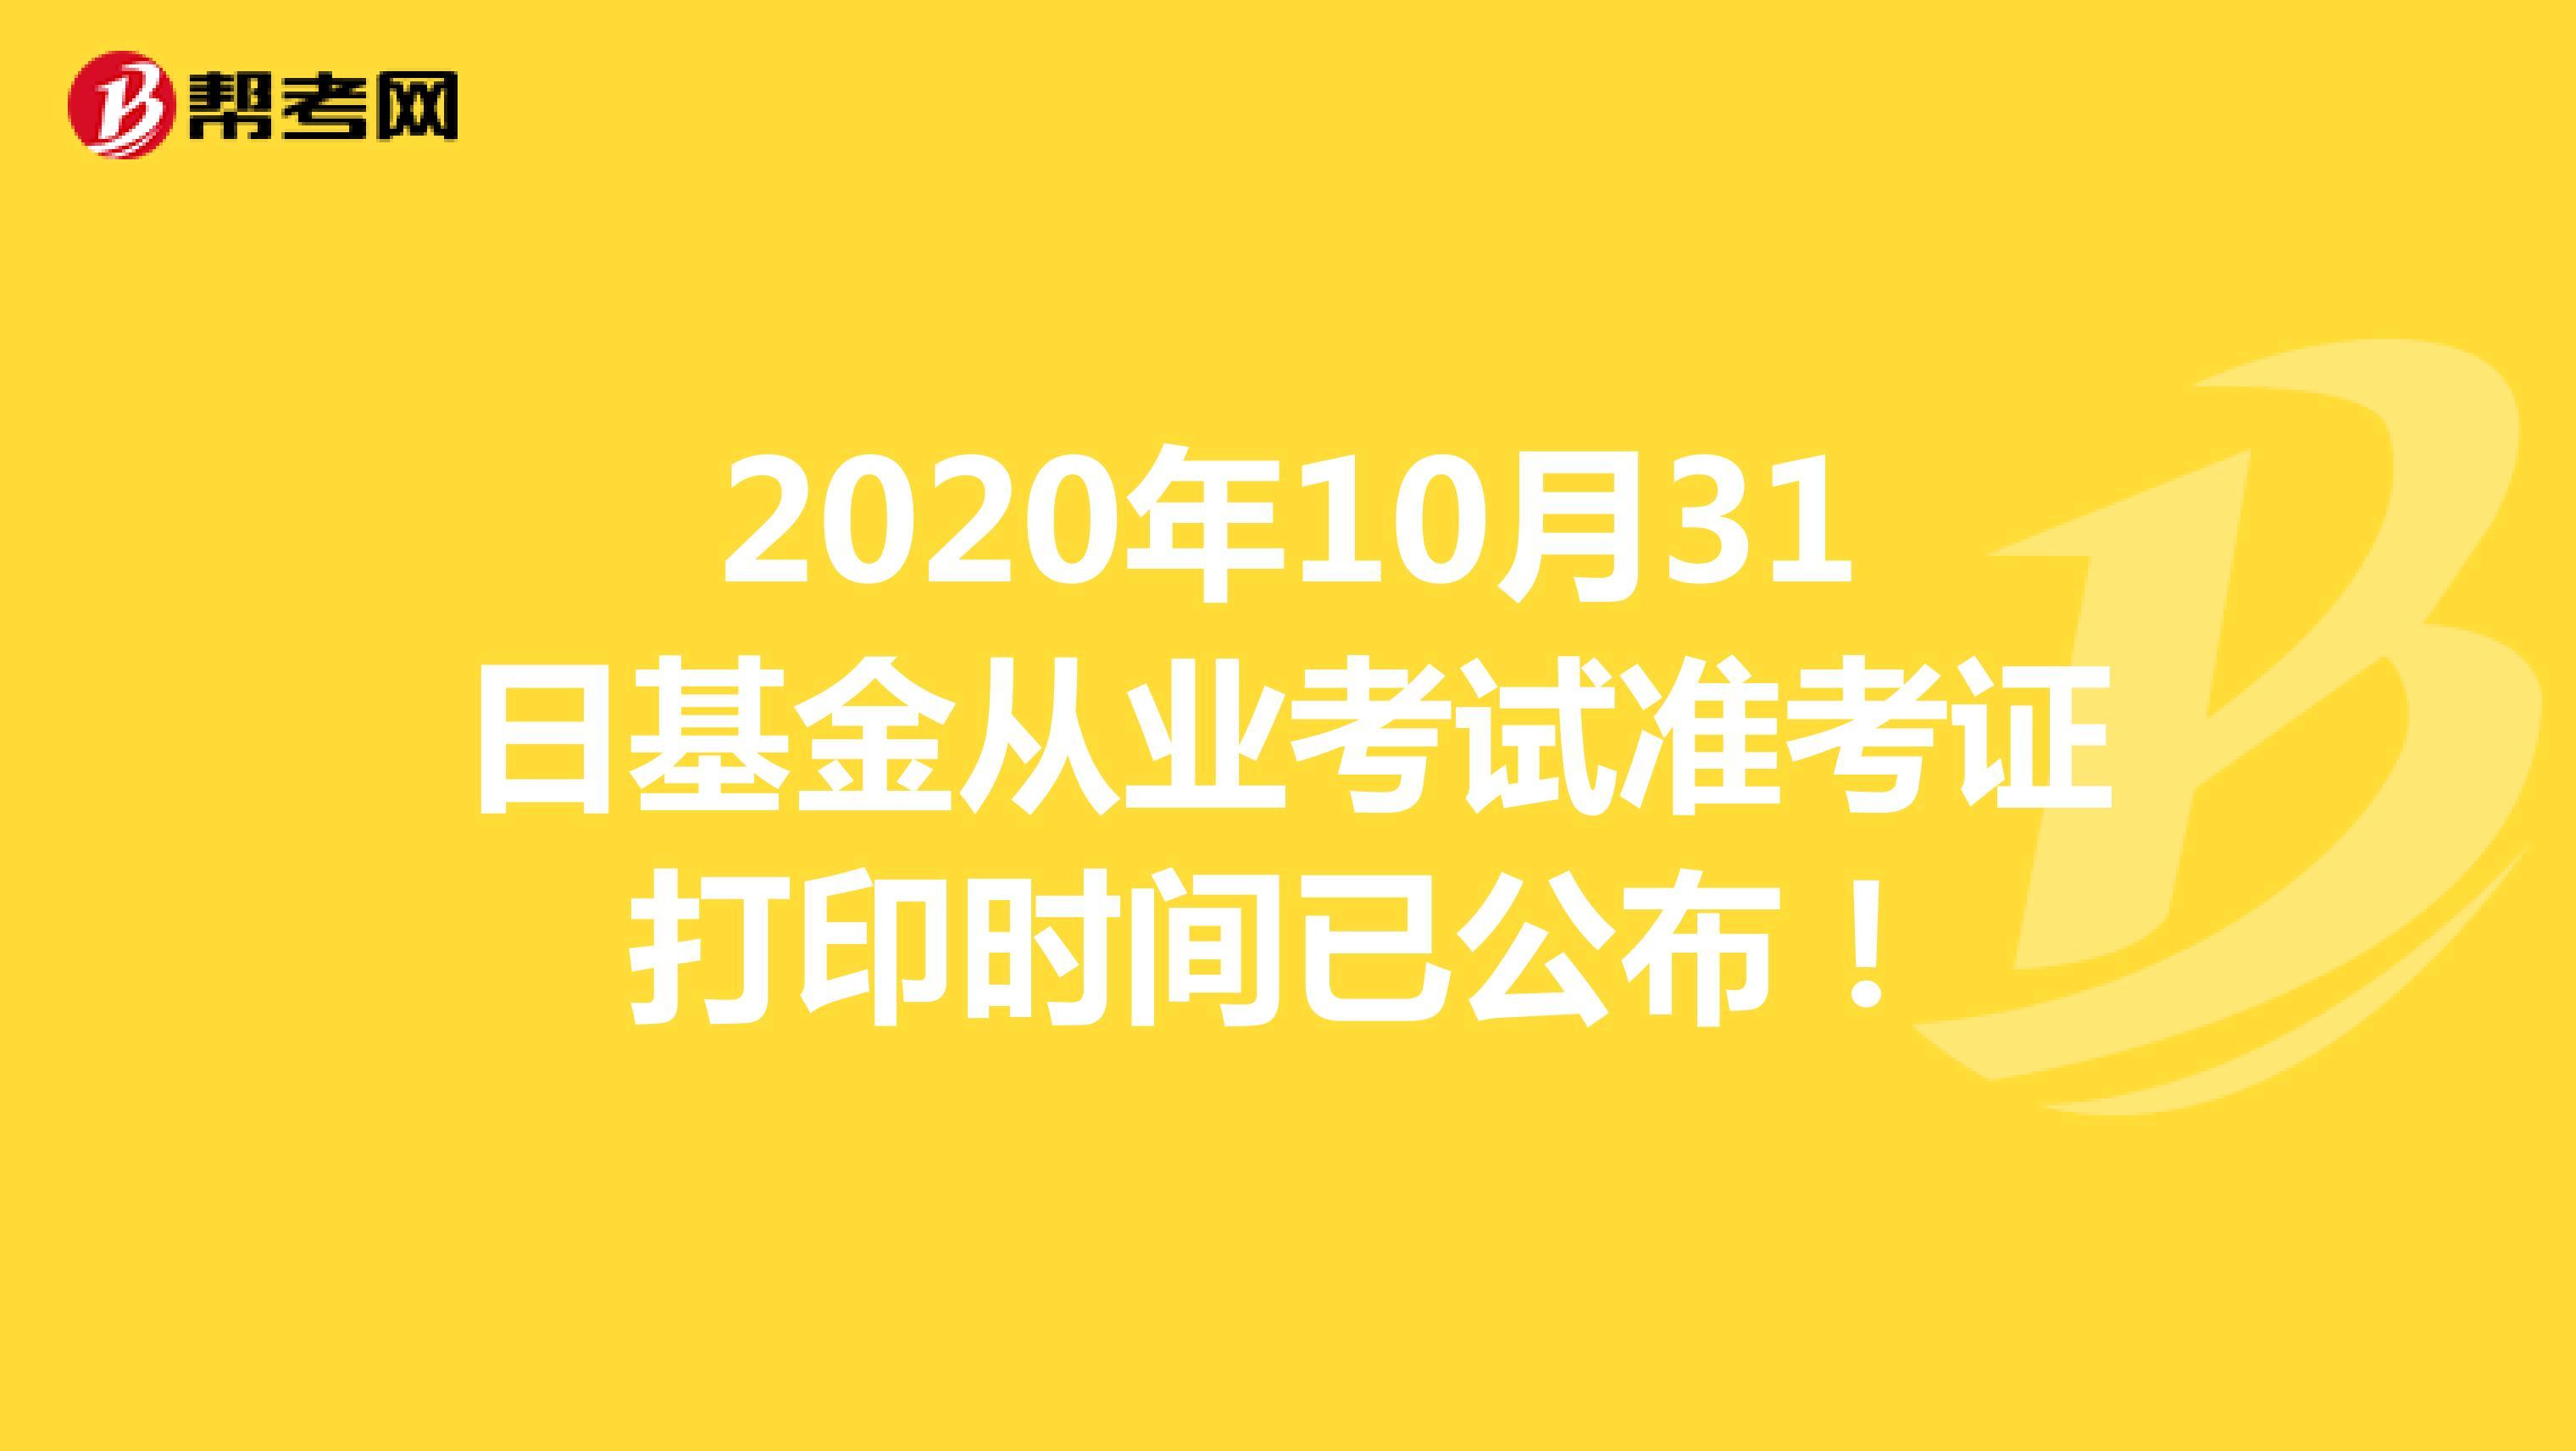 2020年10月31日基金从业考试准考证打印时间已公布!